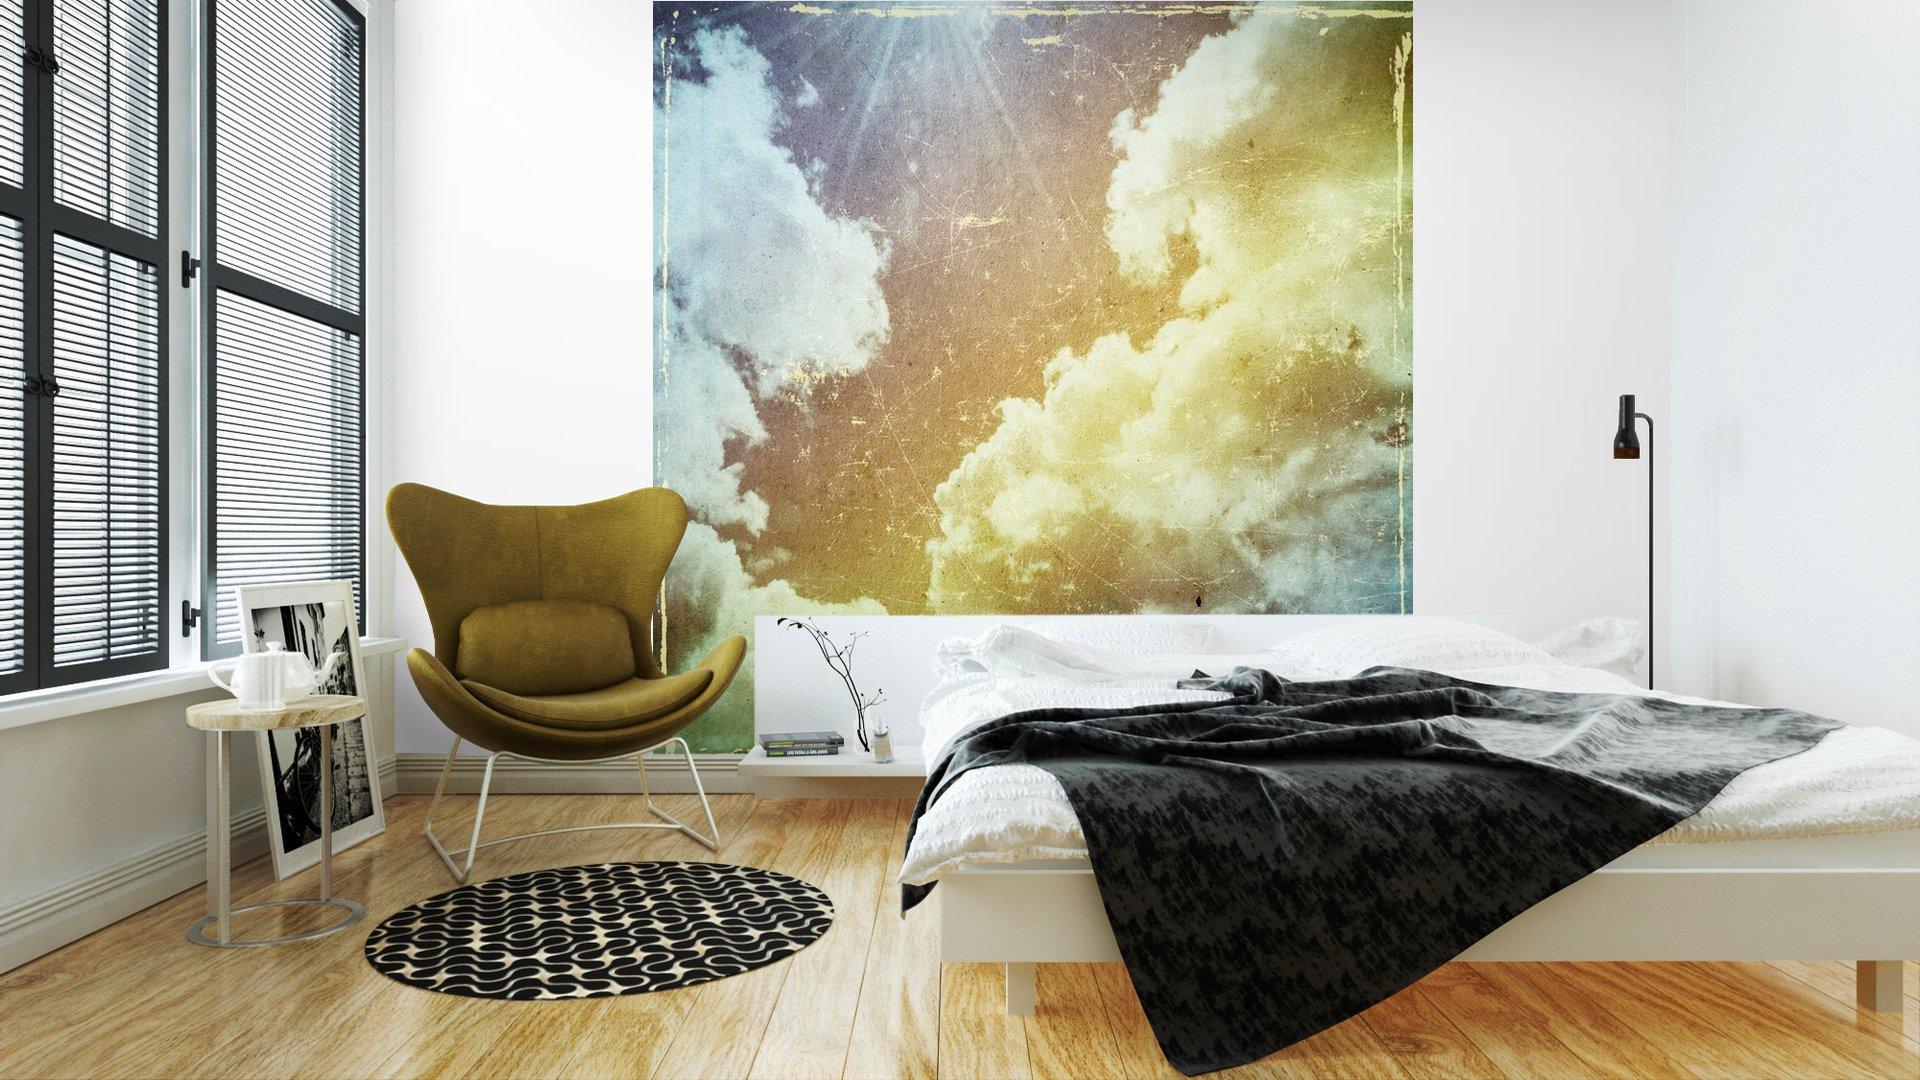 GRUNGE TEXTURA DE PAPEL. LA NATURALEZA DE FONDO ABSTRACTO2 - Fotomural Tapiz Abstracto Nubes Tipo Grunge